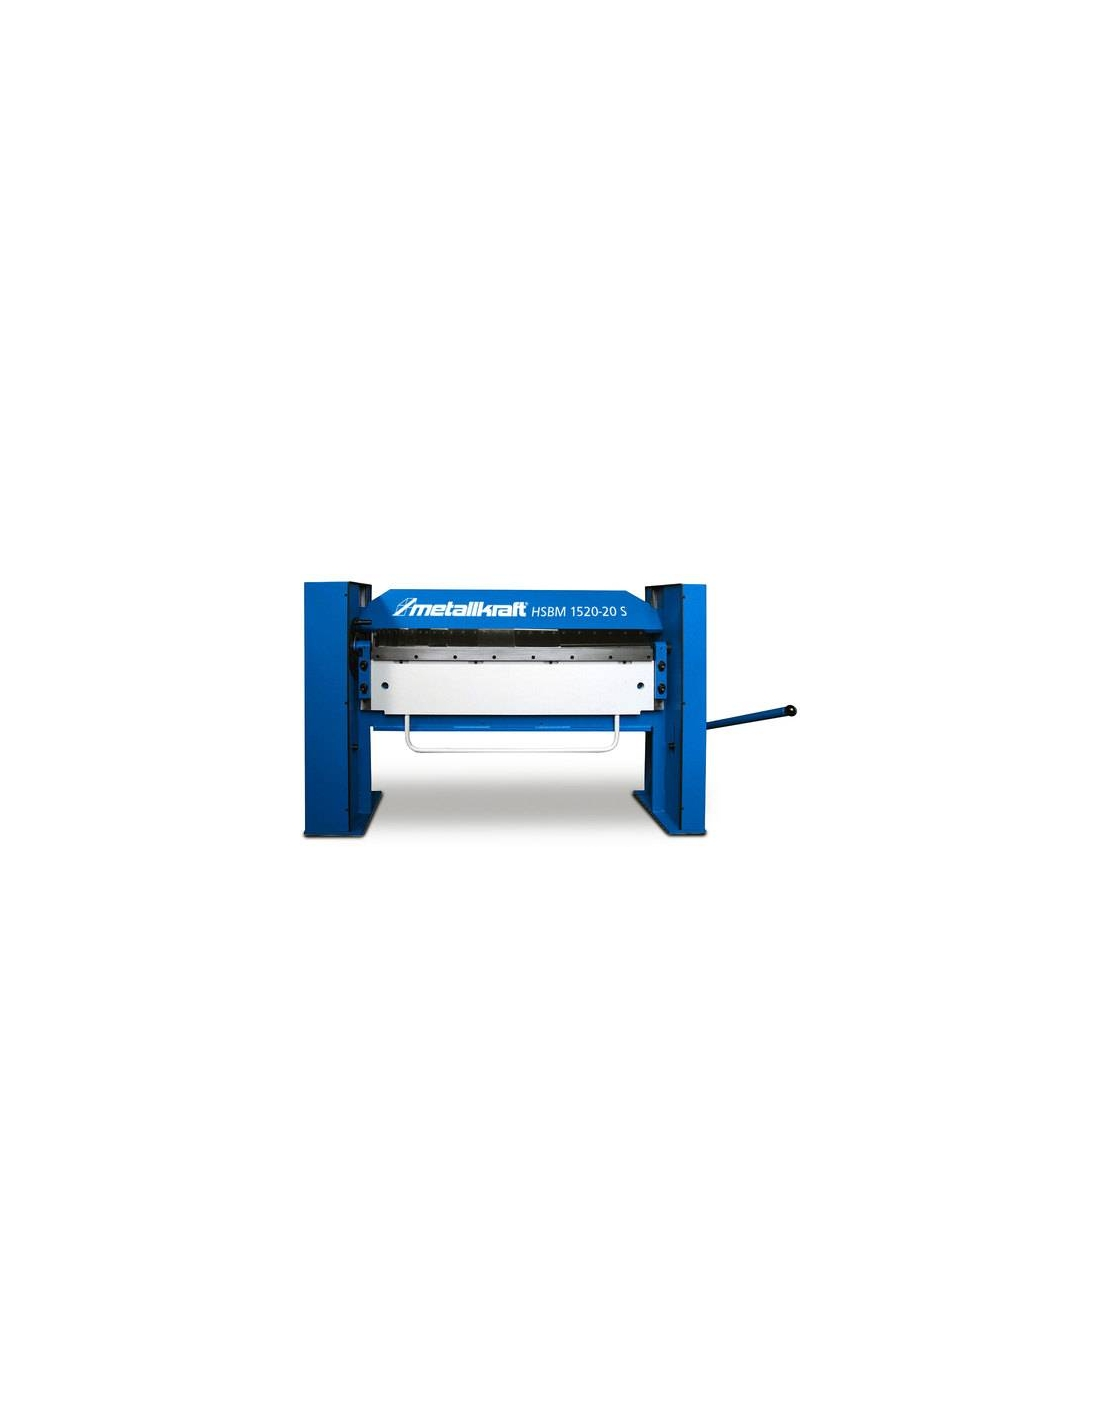 Abkant manual cu falca superioara segmentata Metallkraft HSBM 3020-12 S